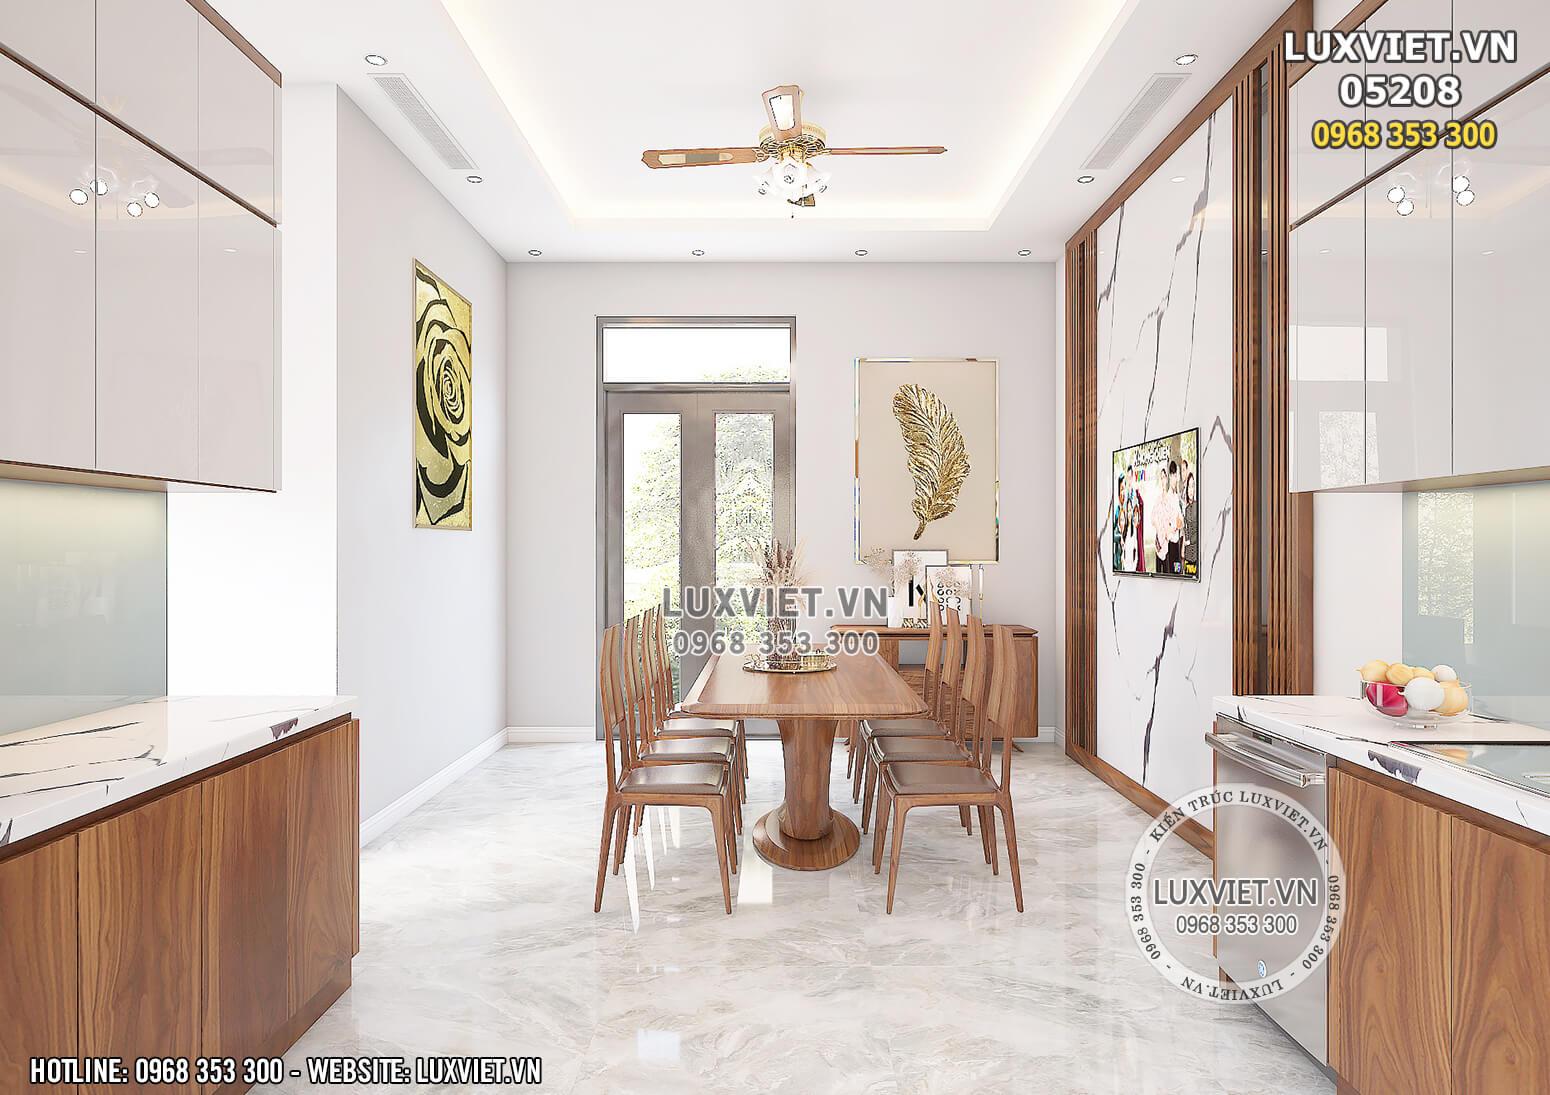 Hình ảnh: Thiết kế phòng bếp hiện đai và sang trọng - LV 05208